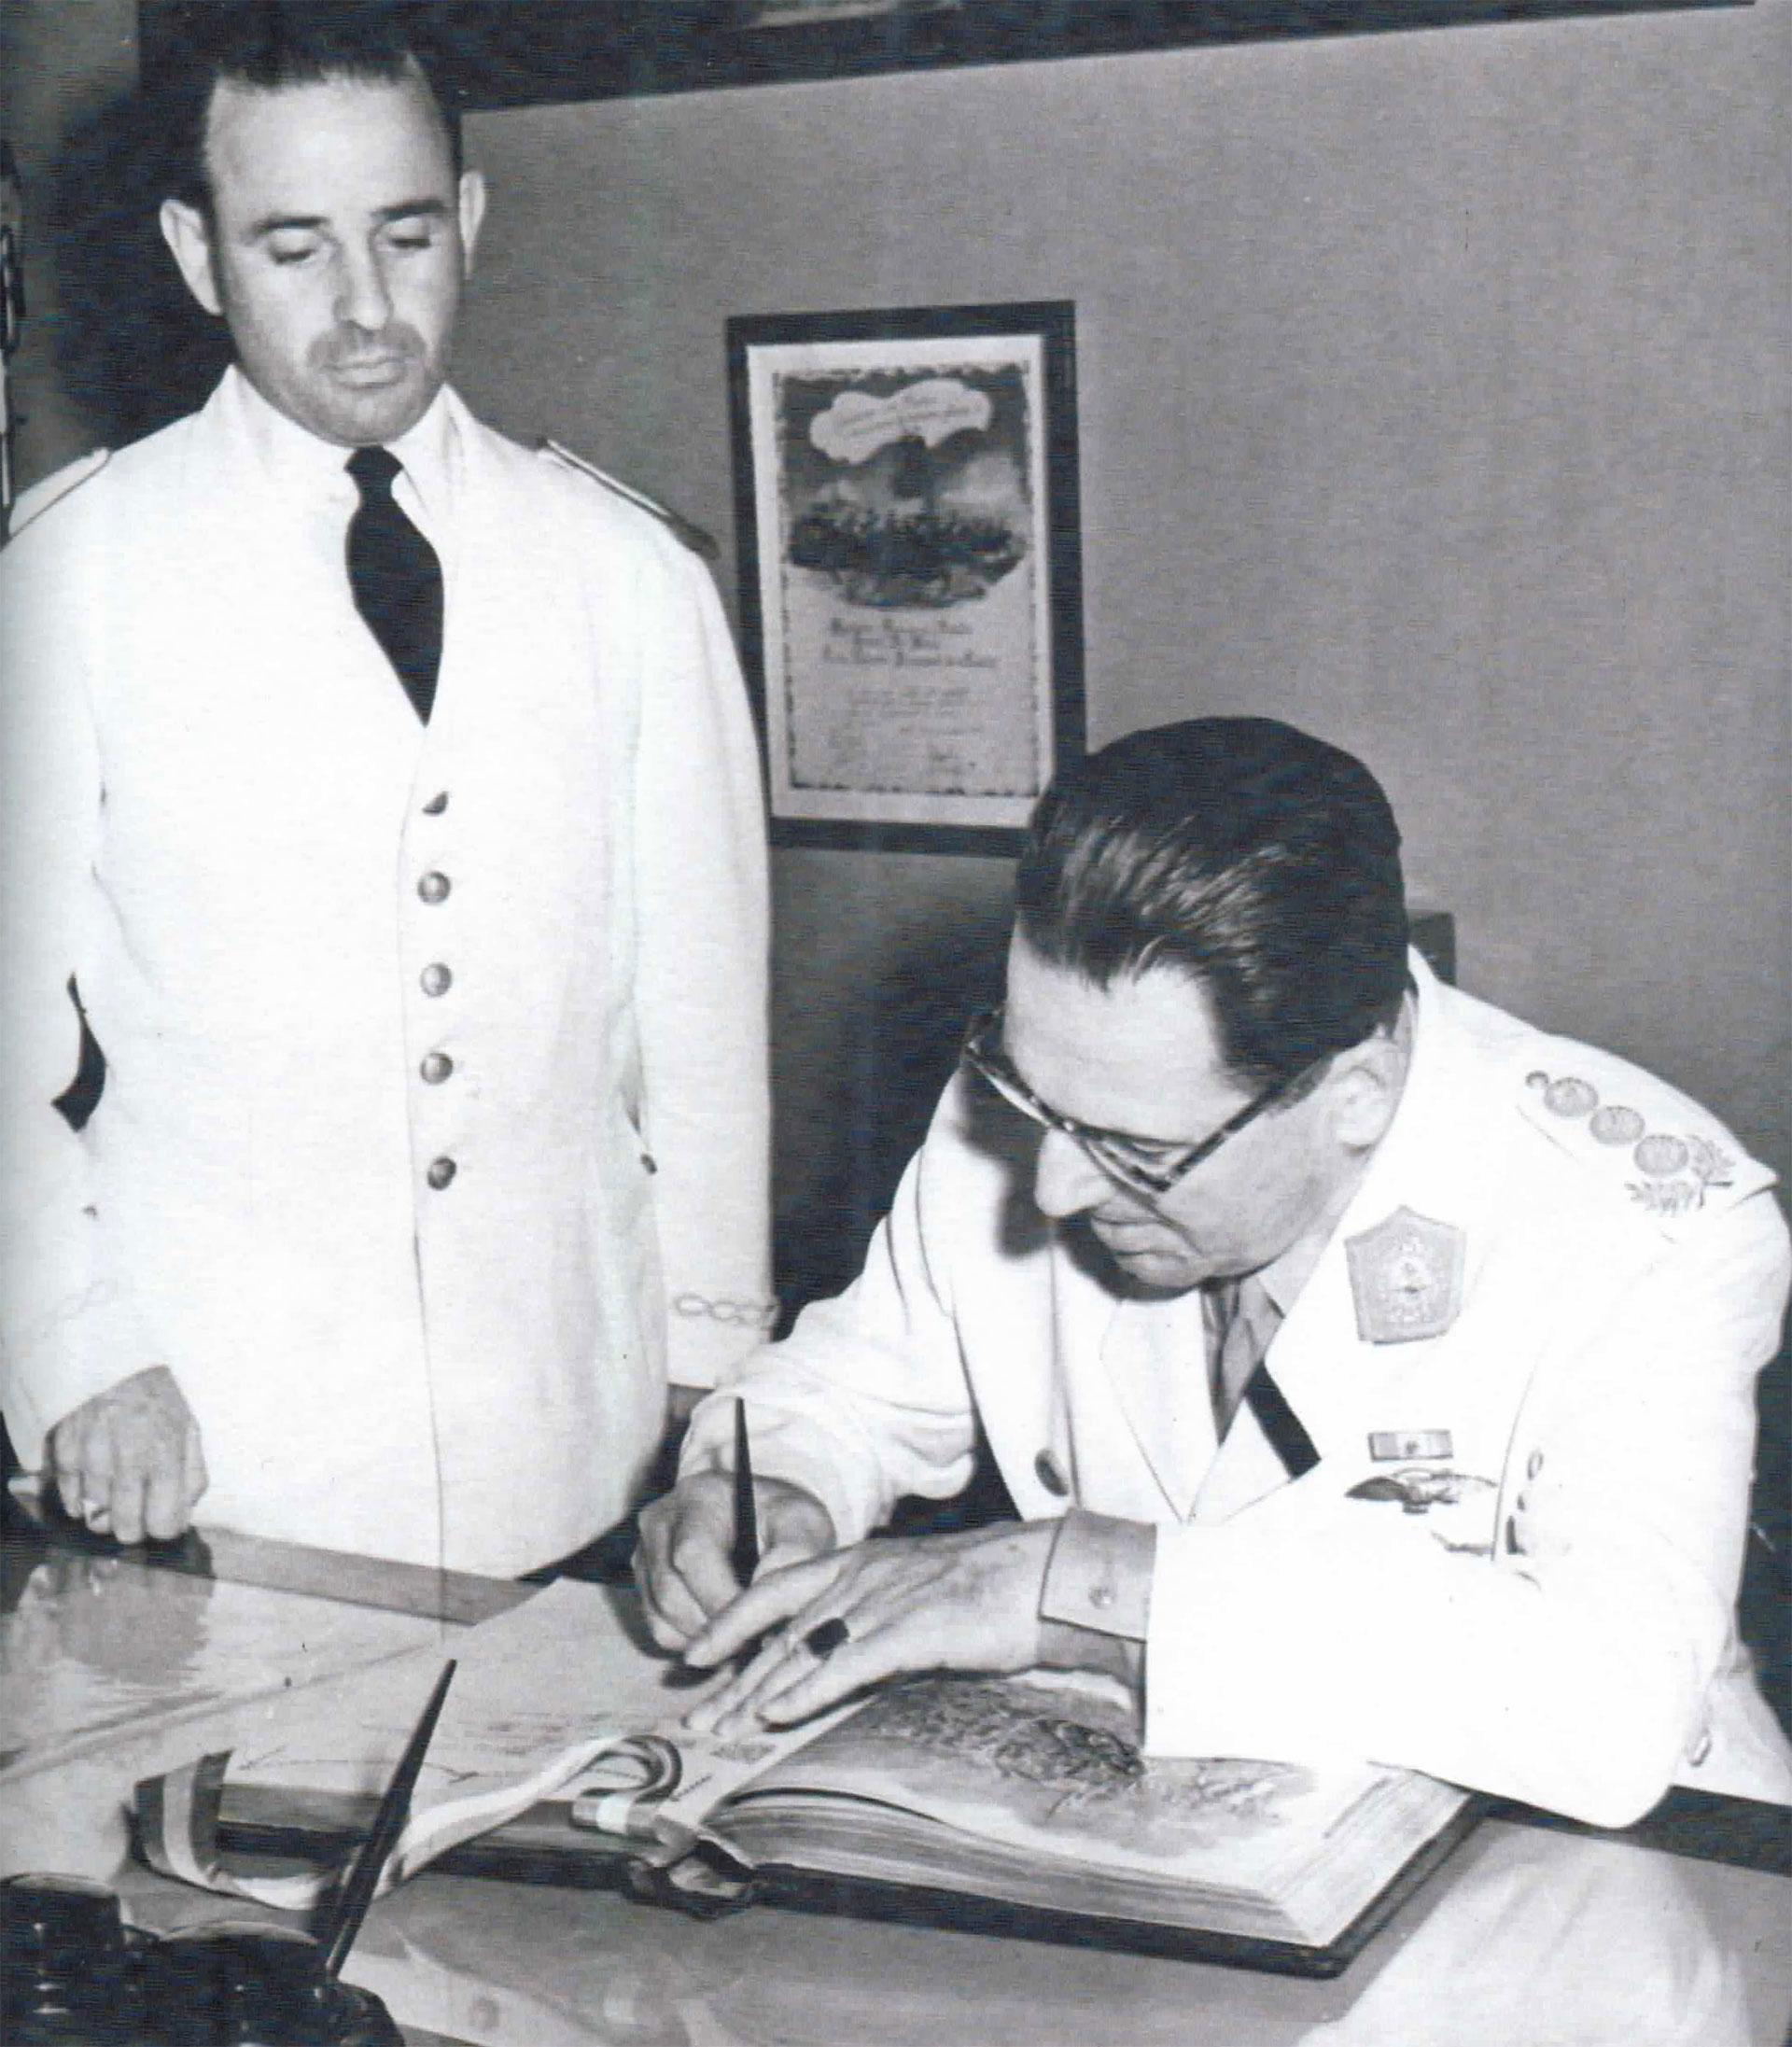 Algunas registran escenas cotidianas de la gestión presidencial de Juan Domingo Perón. En esta se lo ve firmando documentos que le acerca un colaborador. En su mano izquierda, el anillo de piedra negra. En su solapa, una banda negra en señal de luto por su esposa, fallecida el 26 de julio de 1952